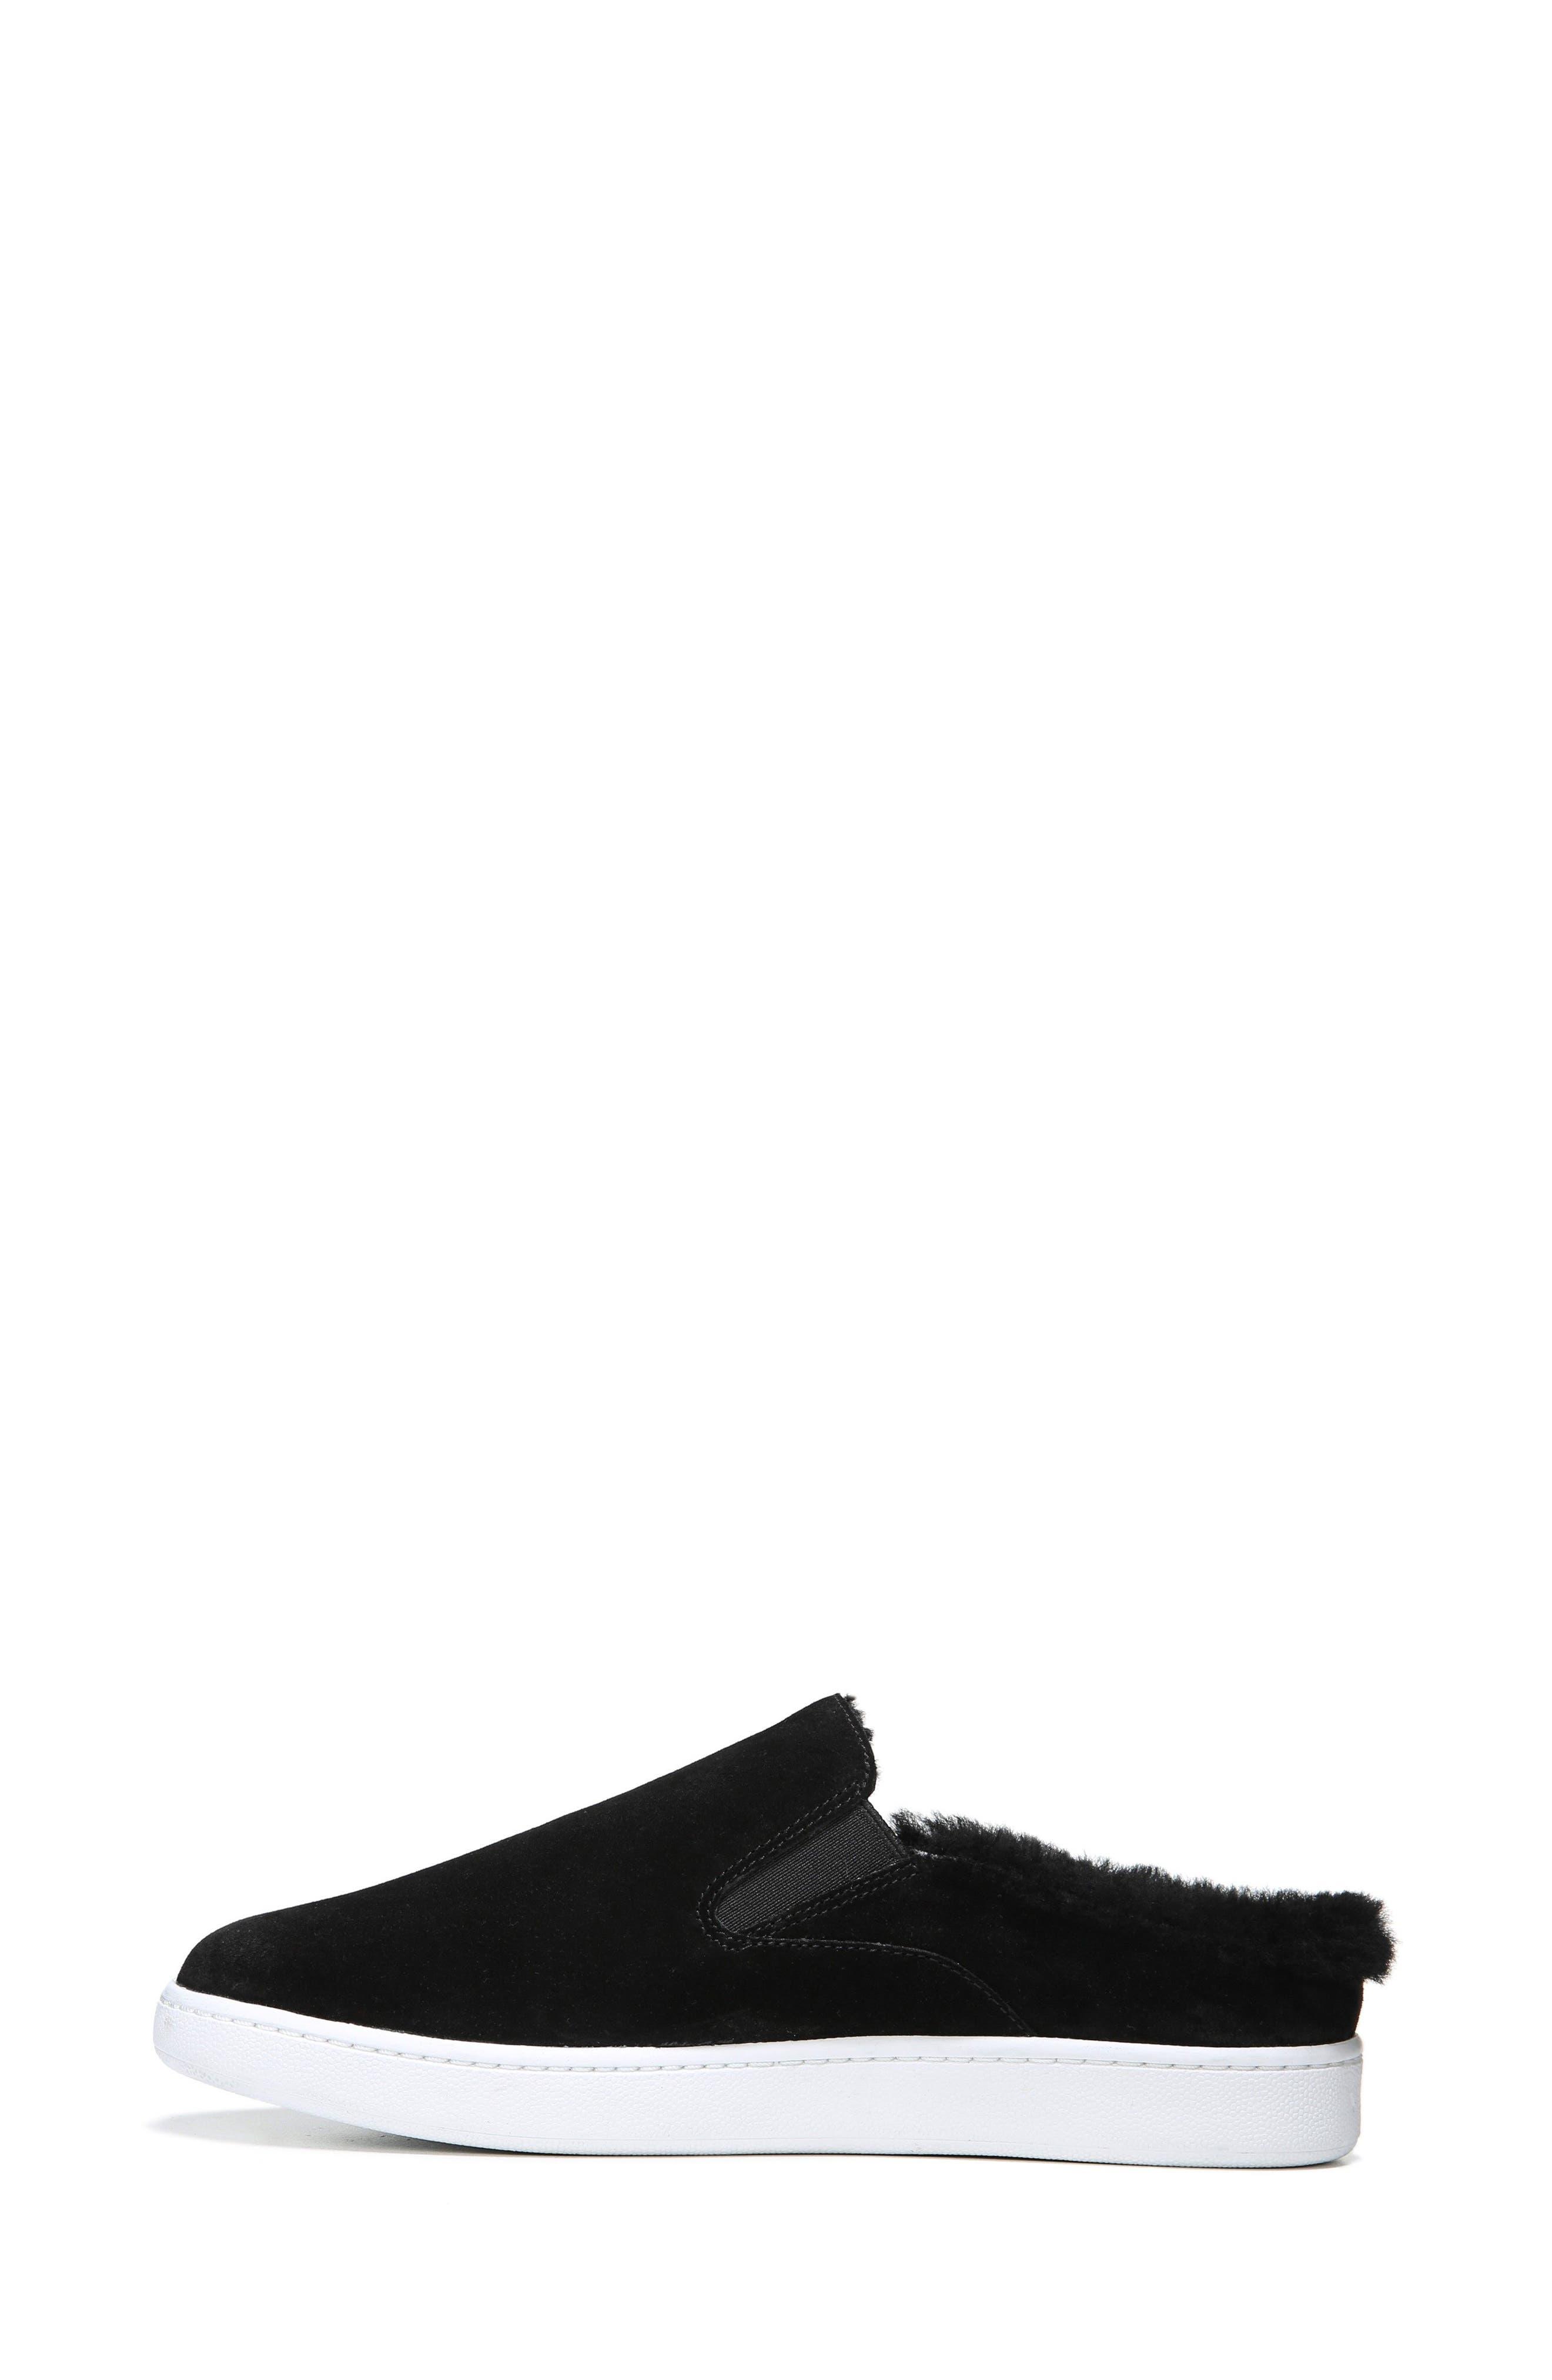 Verrell Genuine Shearling Slip-On Sneaker,                             Alternate thumbnail 3, color,                             001